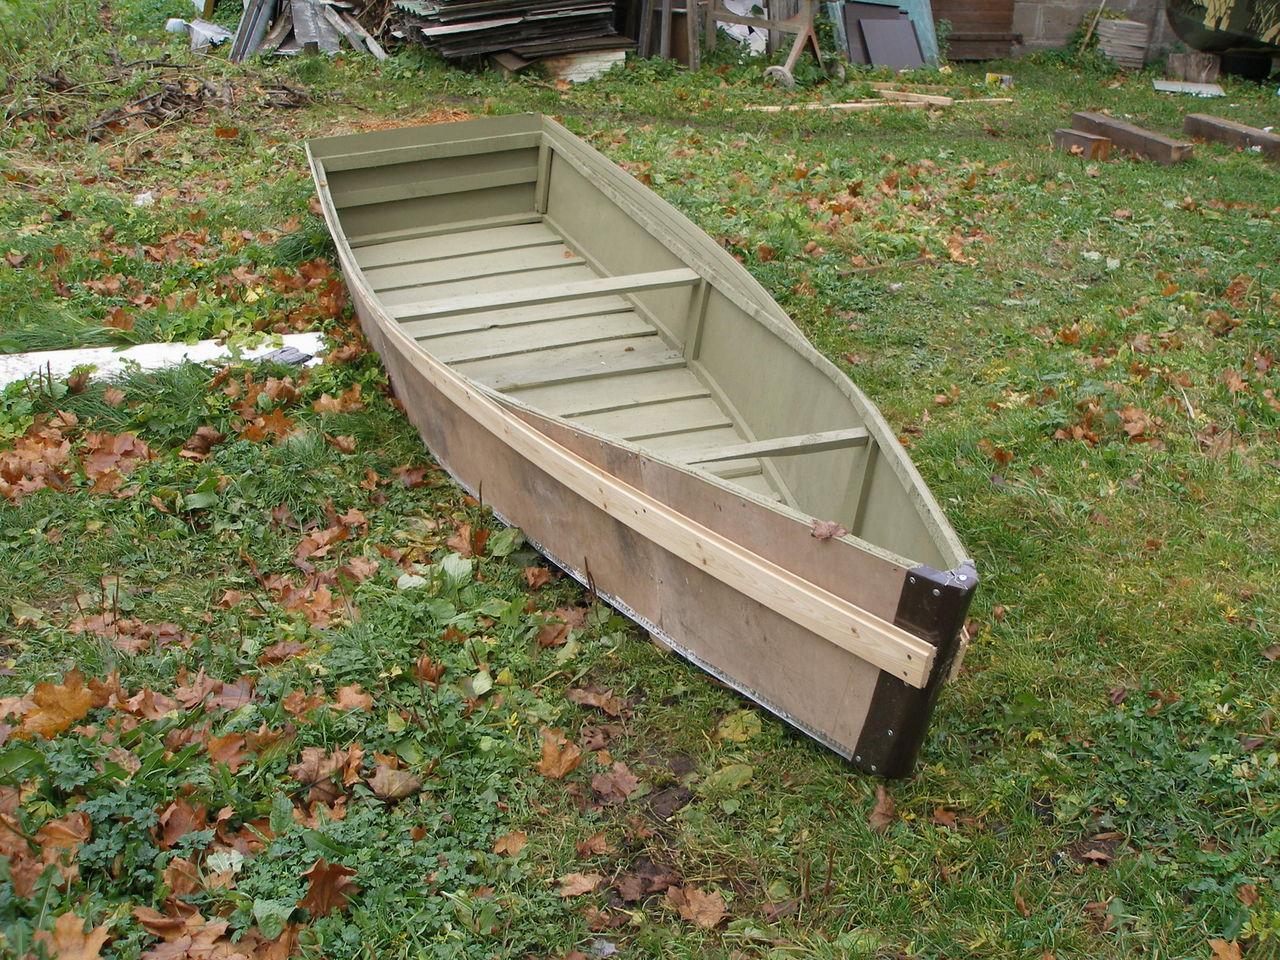 картинка самодельной лодки корпусная мебель